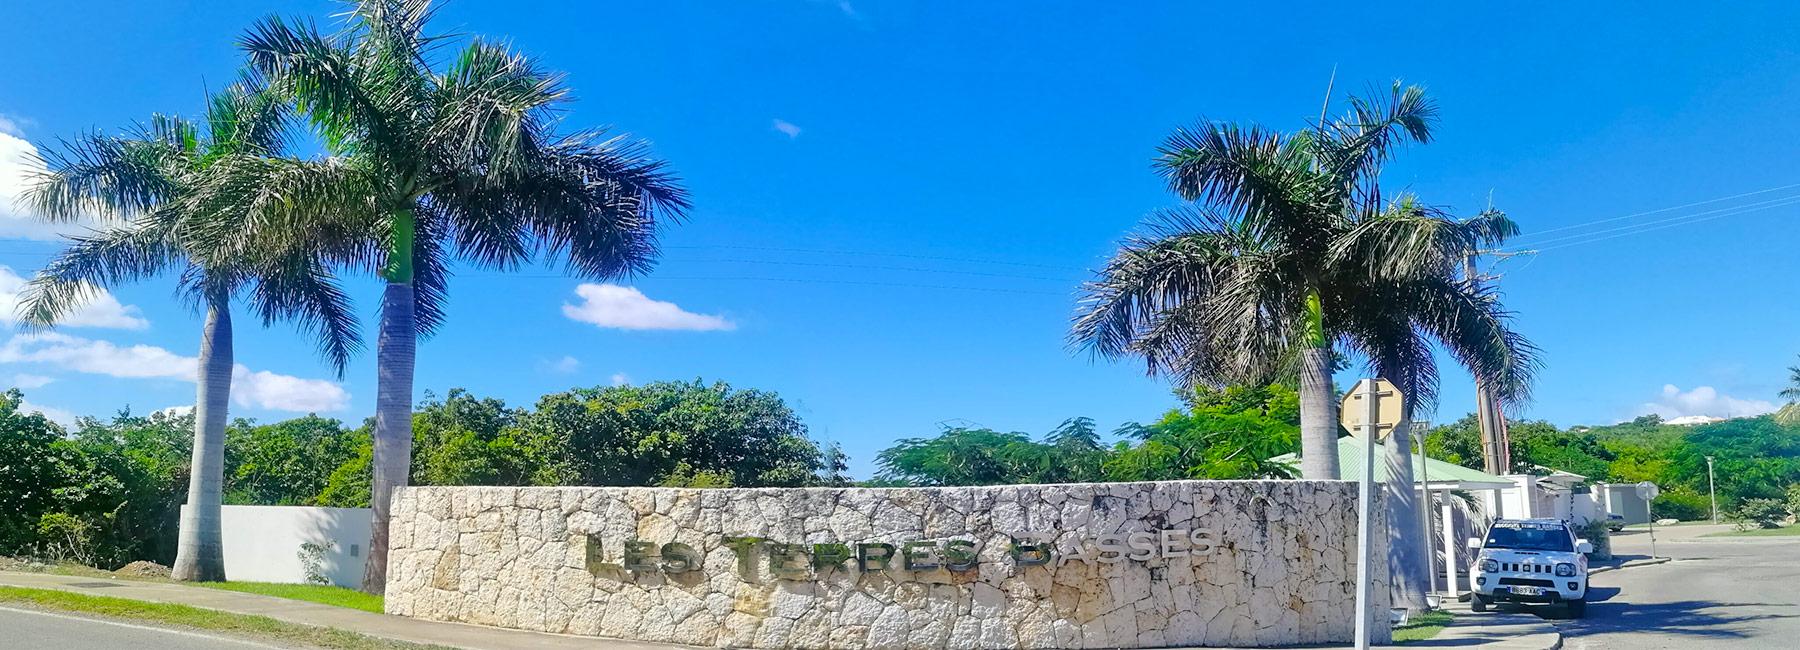 Les Terres Basses, St Martin